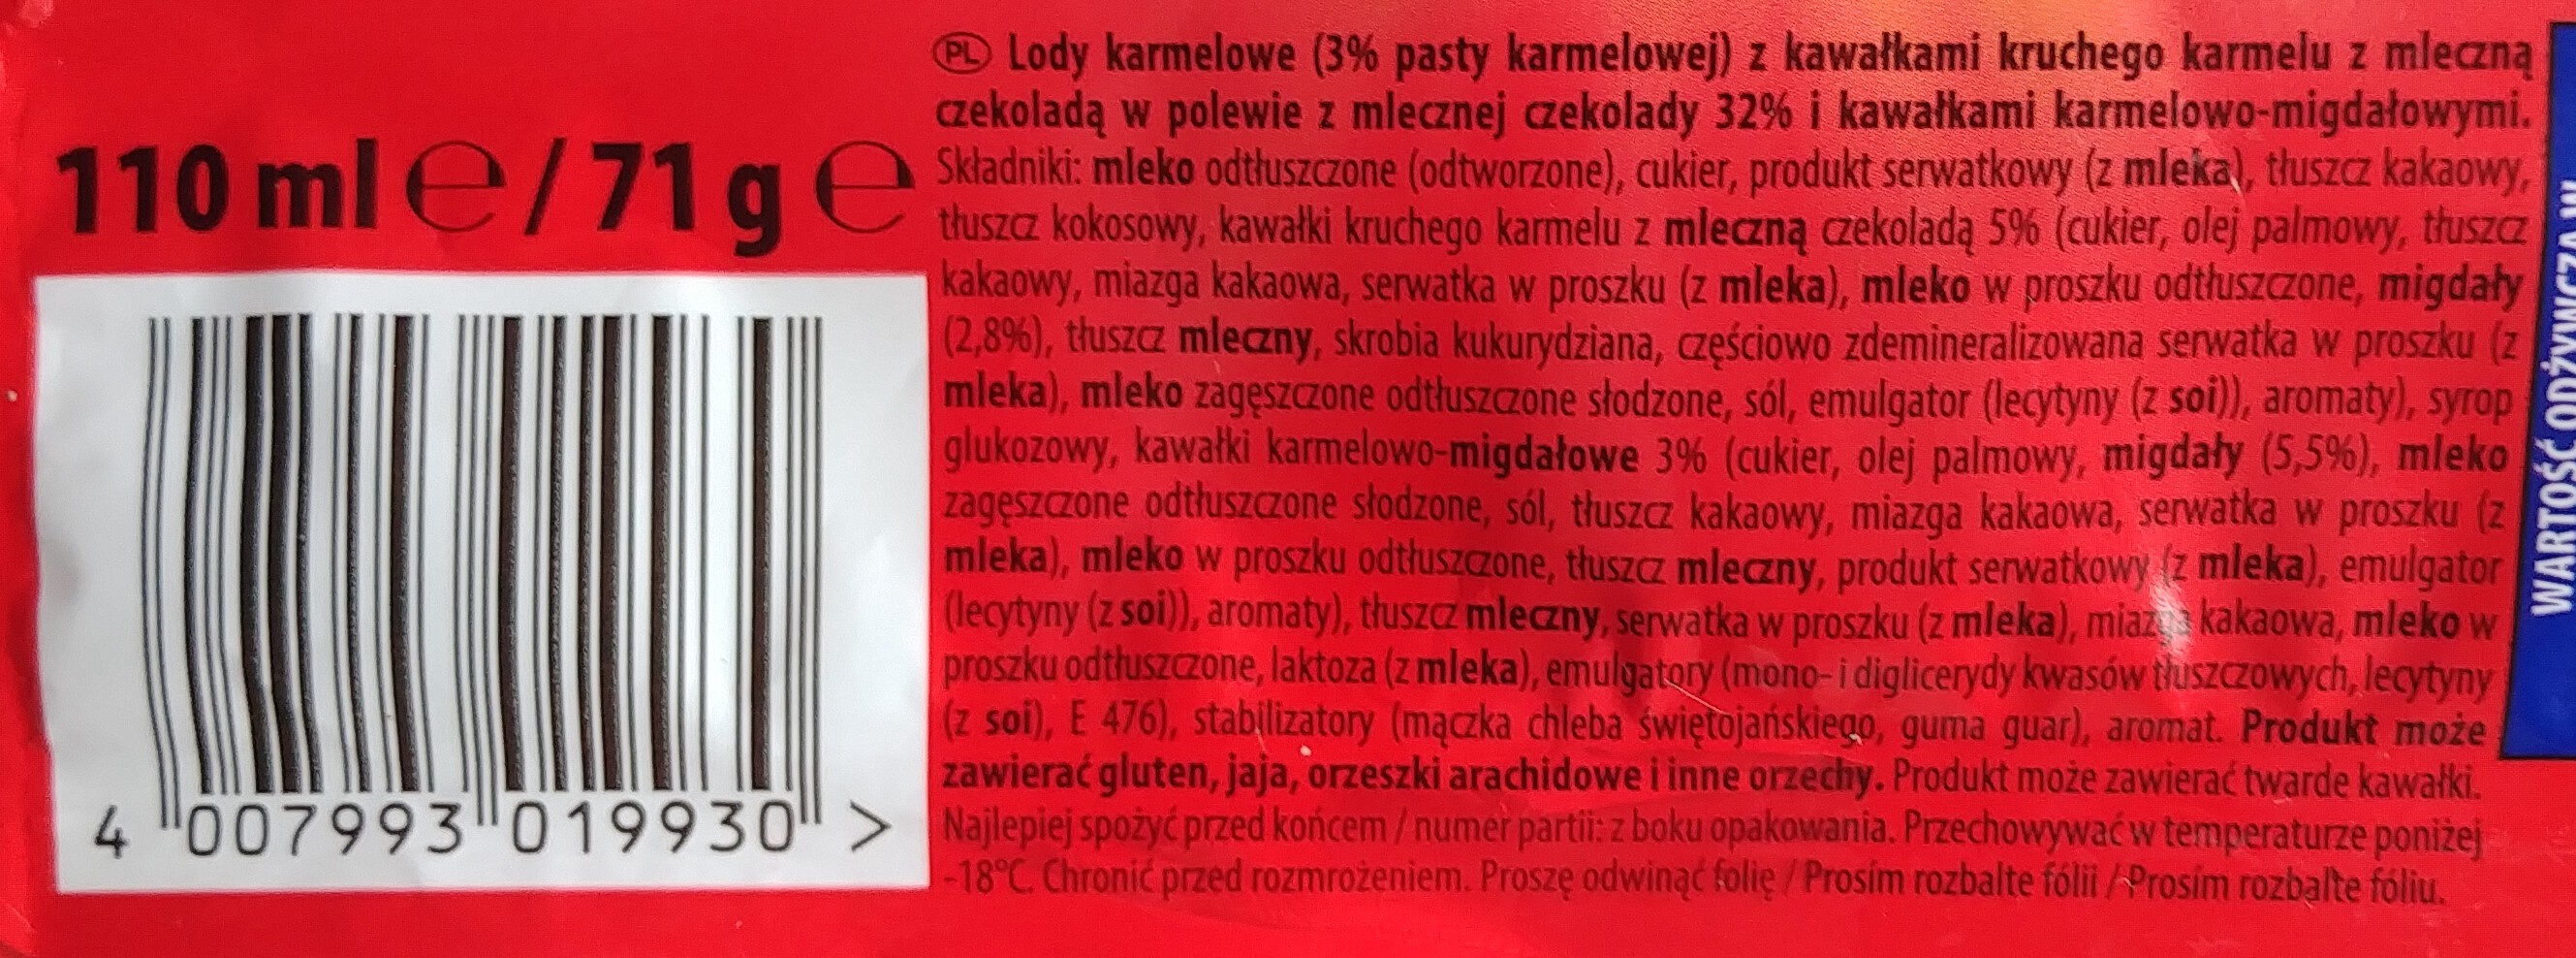 Lody karmelowe (3% pasty karmelowej) z kawałkami kruchego karmelu z mleczną czekoladą w polewie z mlecznej czekolady 32% i kawałkami karmelowo-migdałowymi. - Składniki - pl